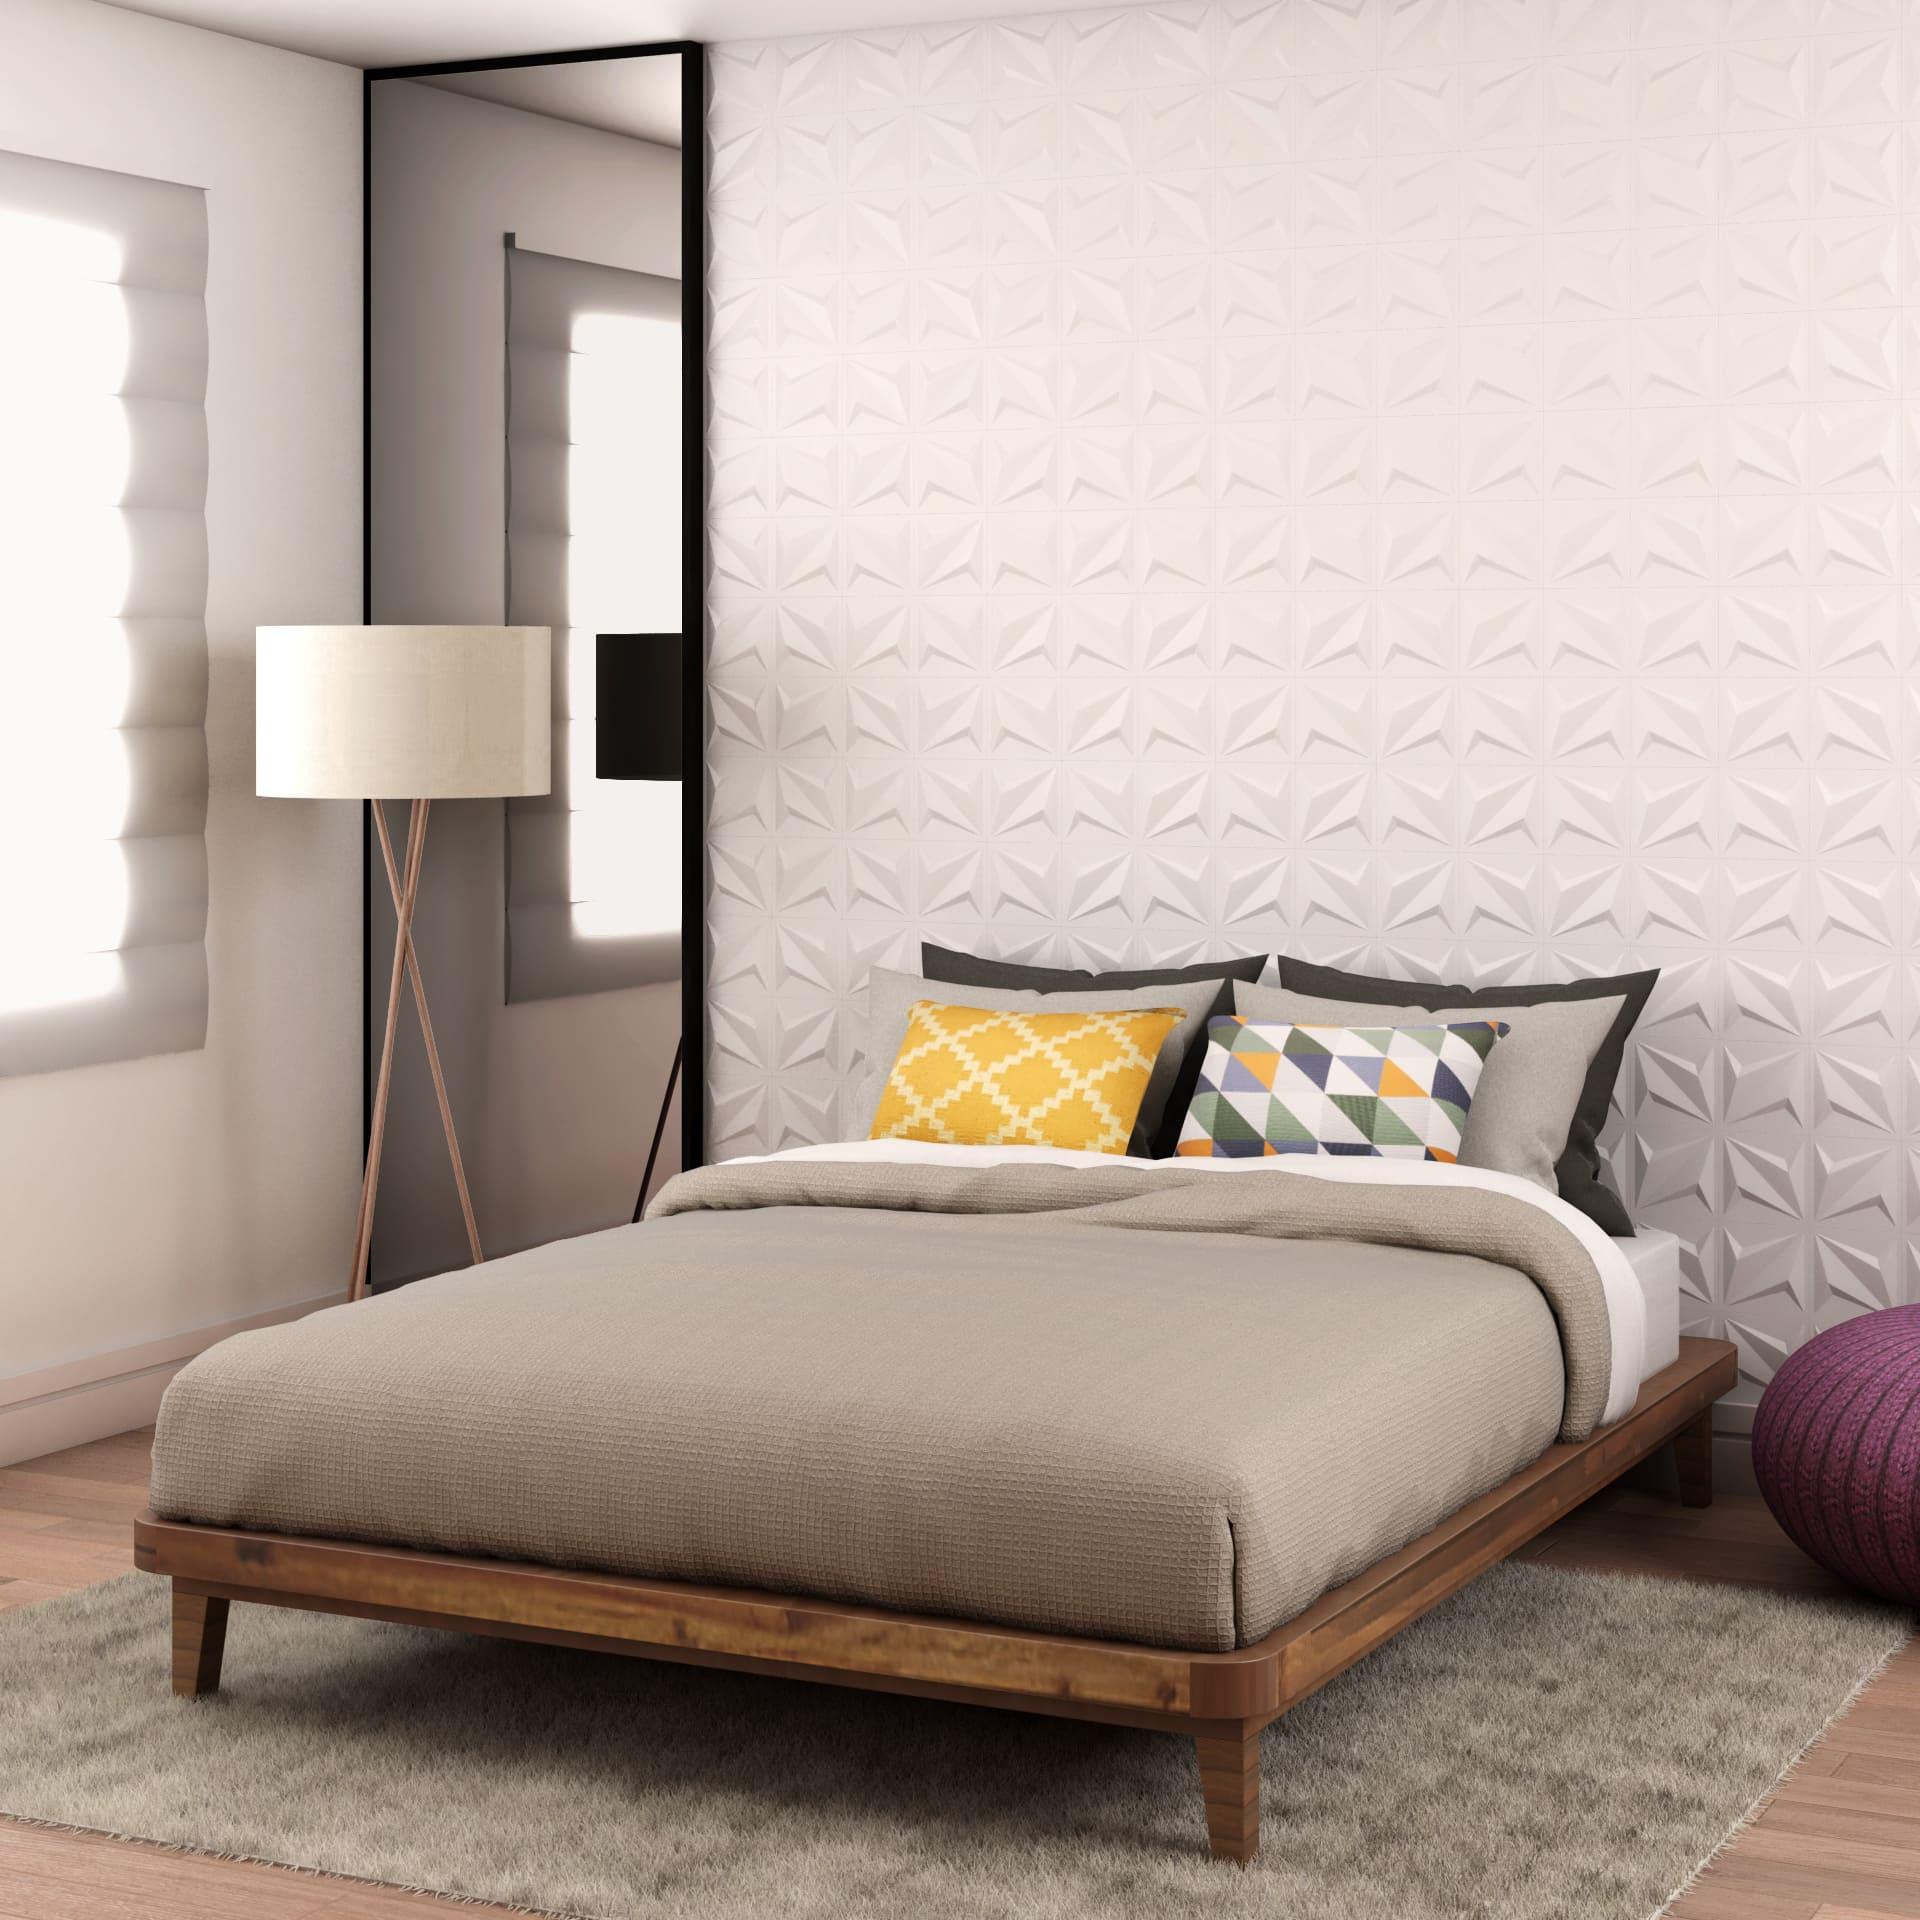 revestimento 3D poliestireno branco feito de plastico em dormitório, quarto